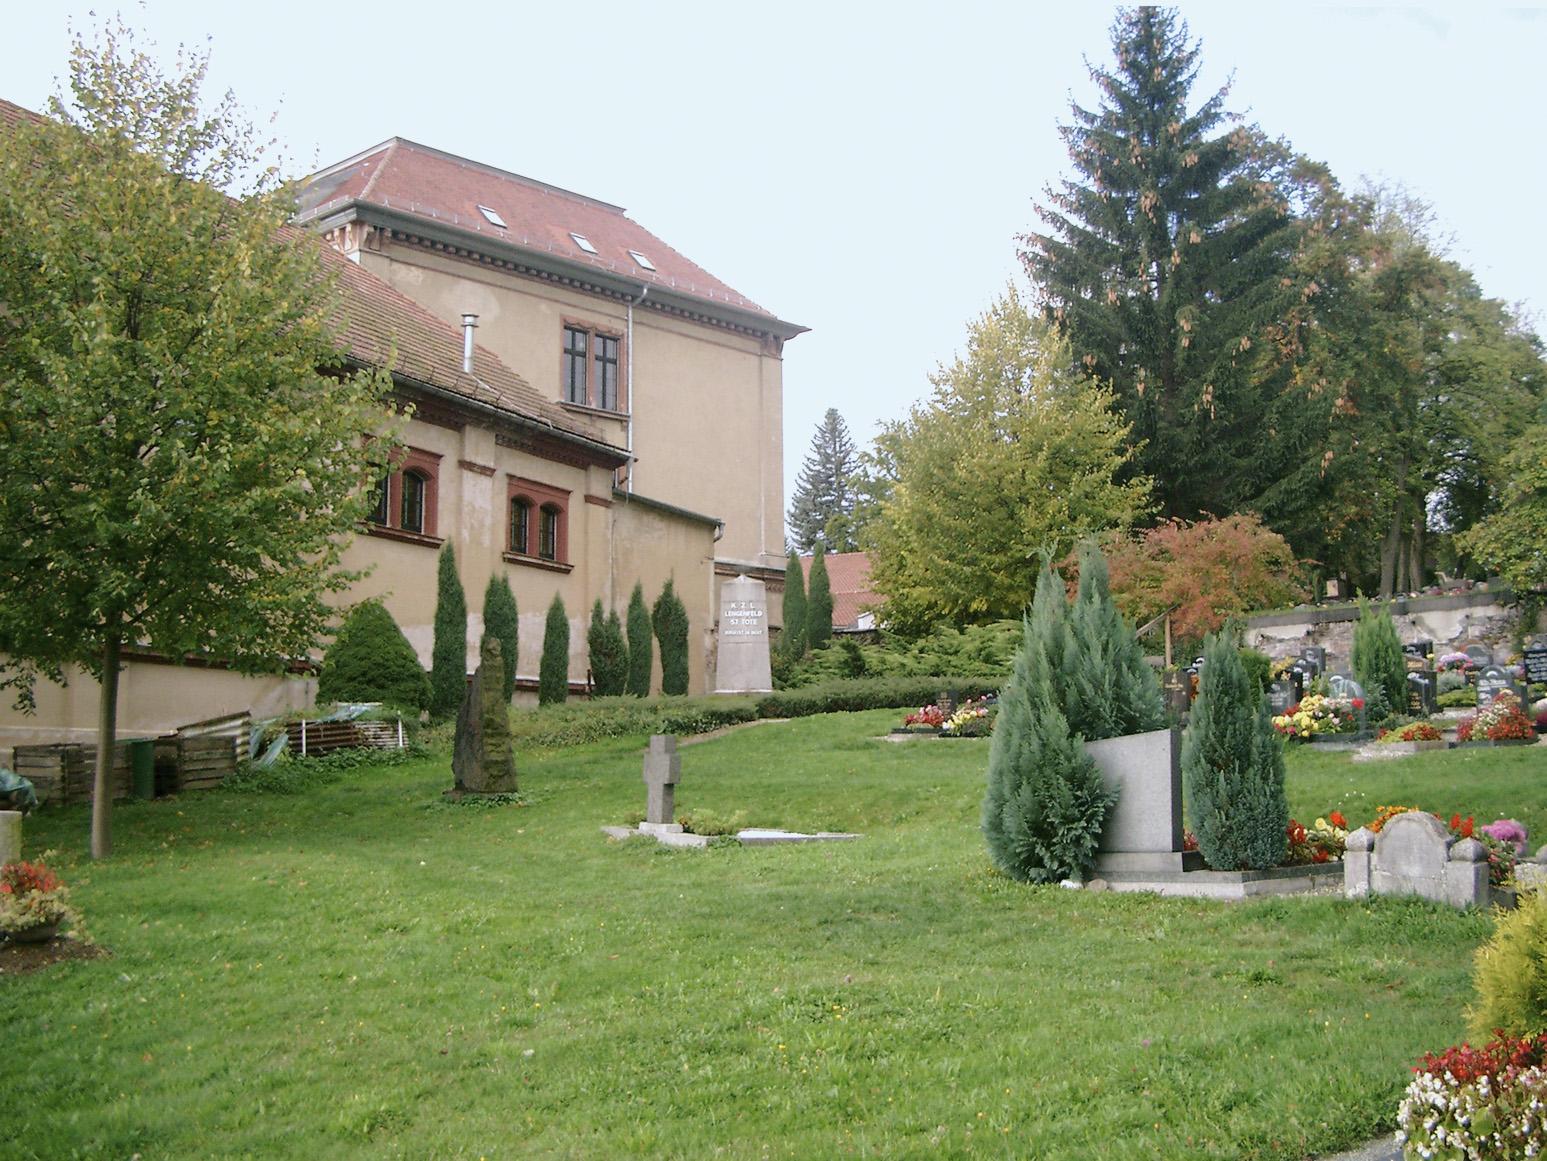 Lengenfeld Vogtland